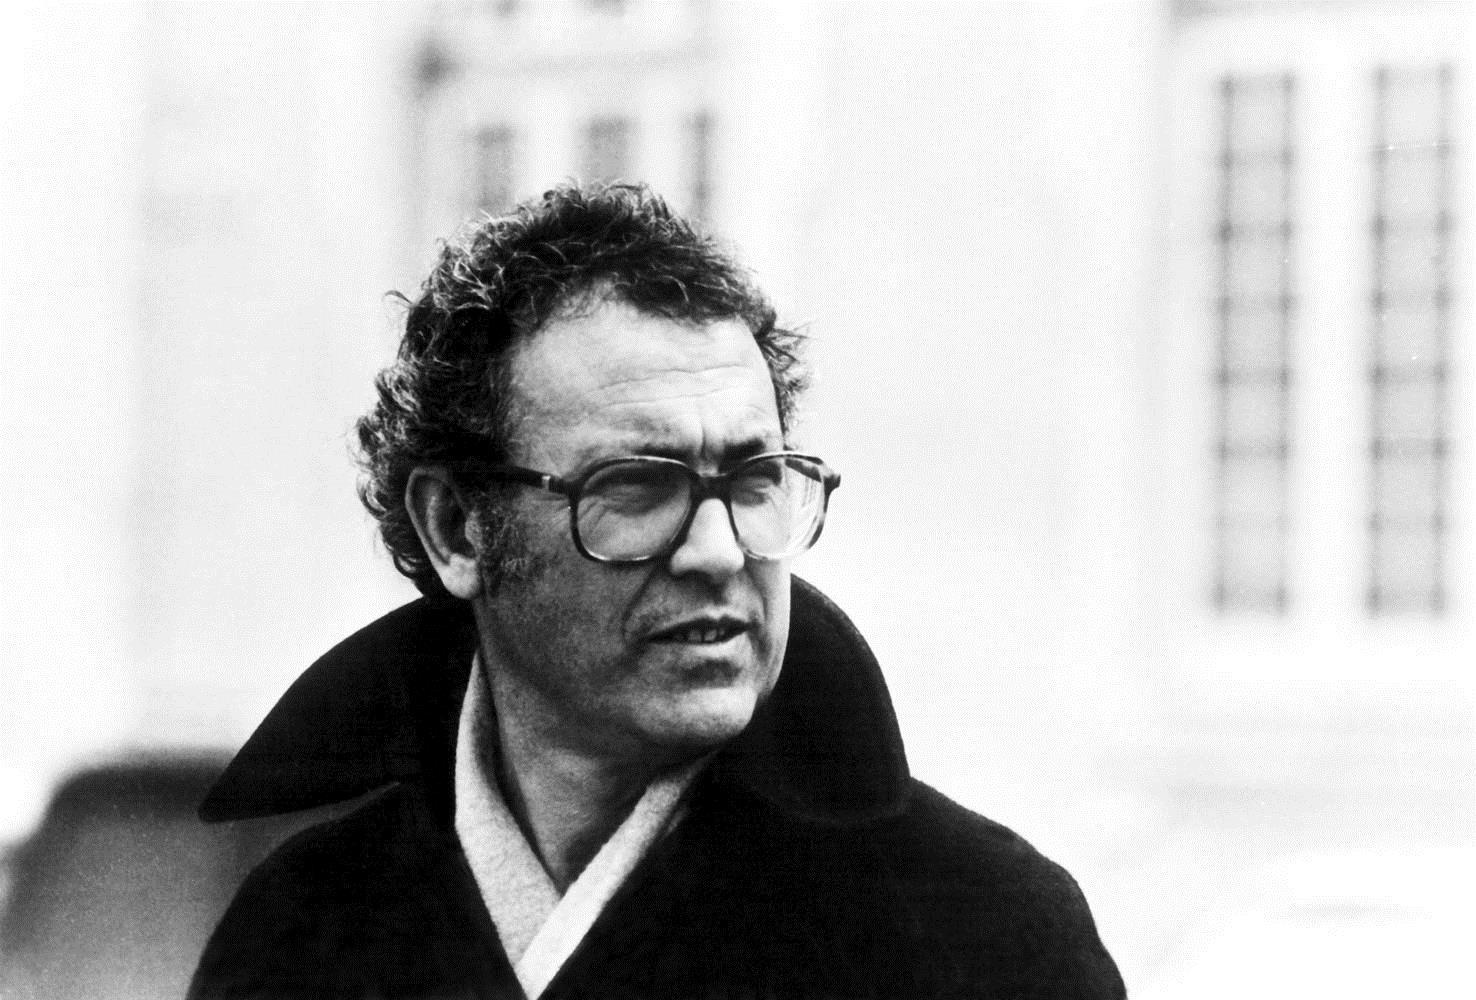 PÚBLICO - Paradeiro das gravações originais de Zeca Afonso é desconhecido